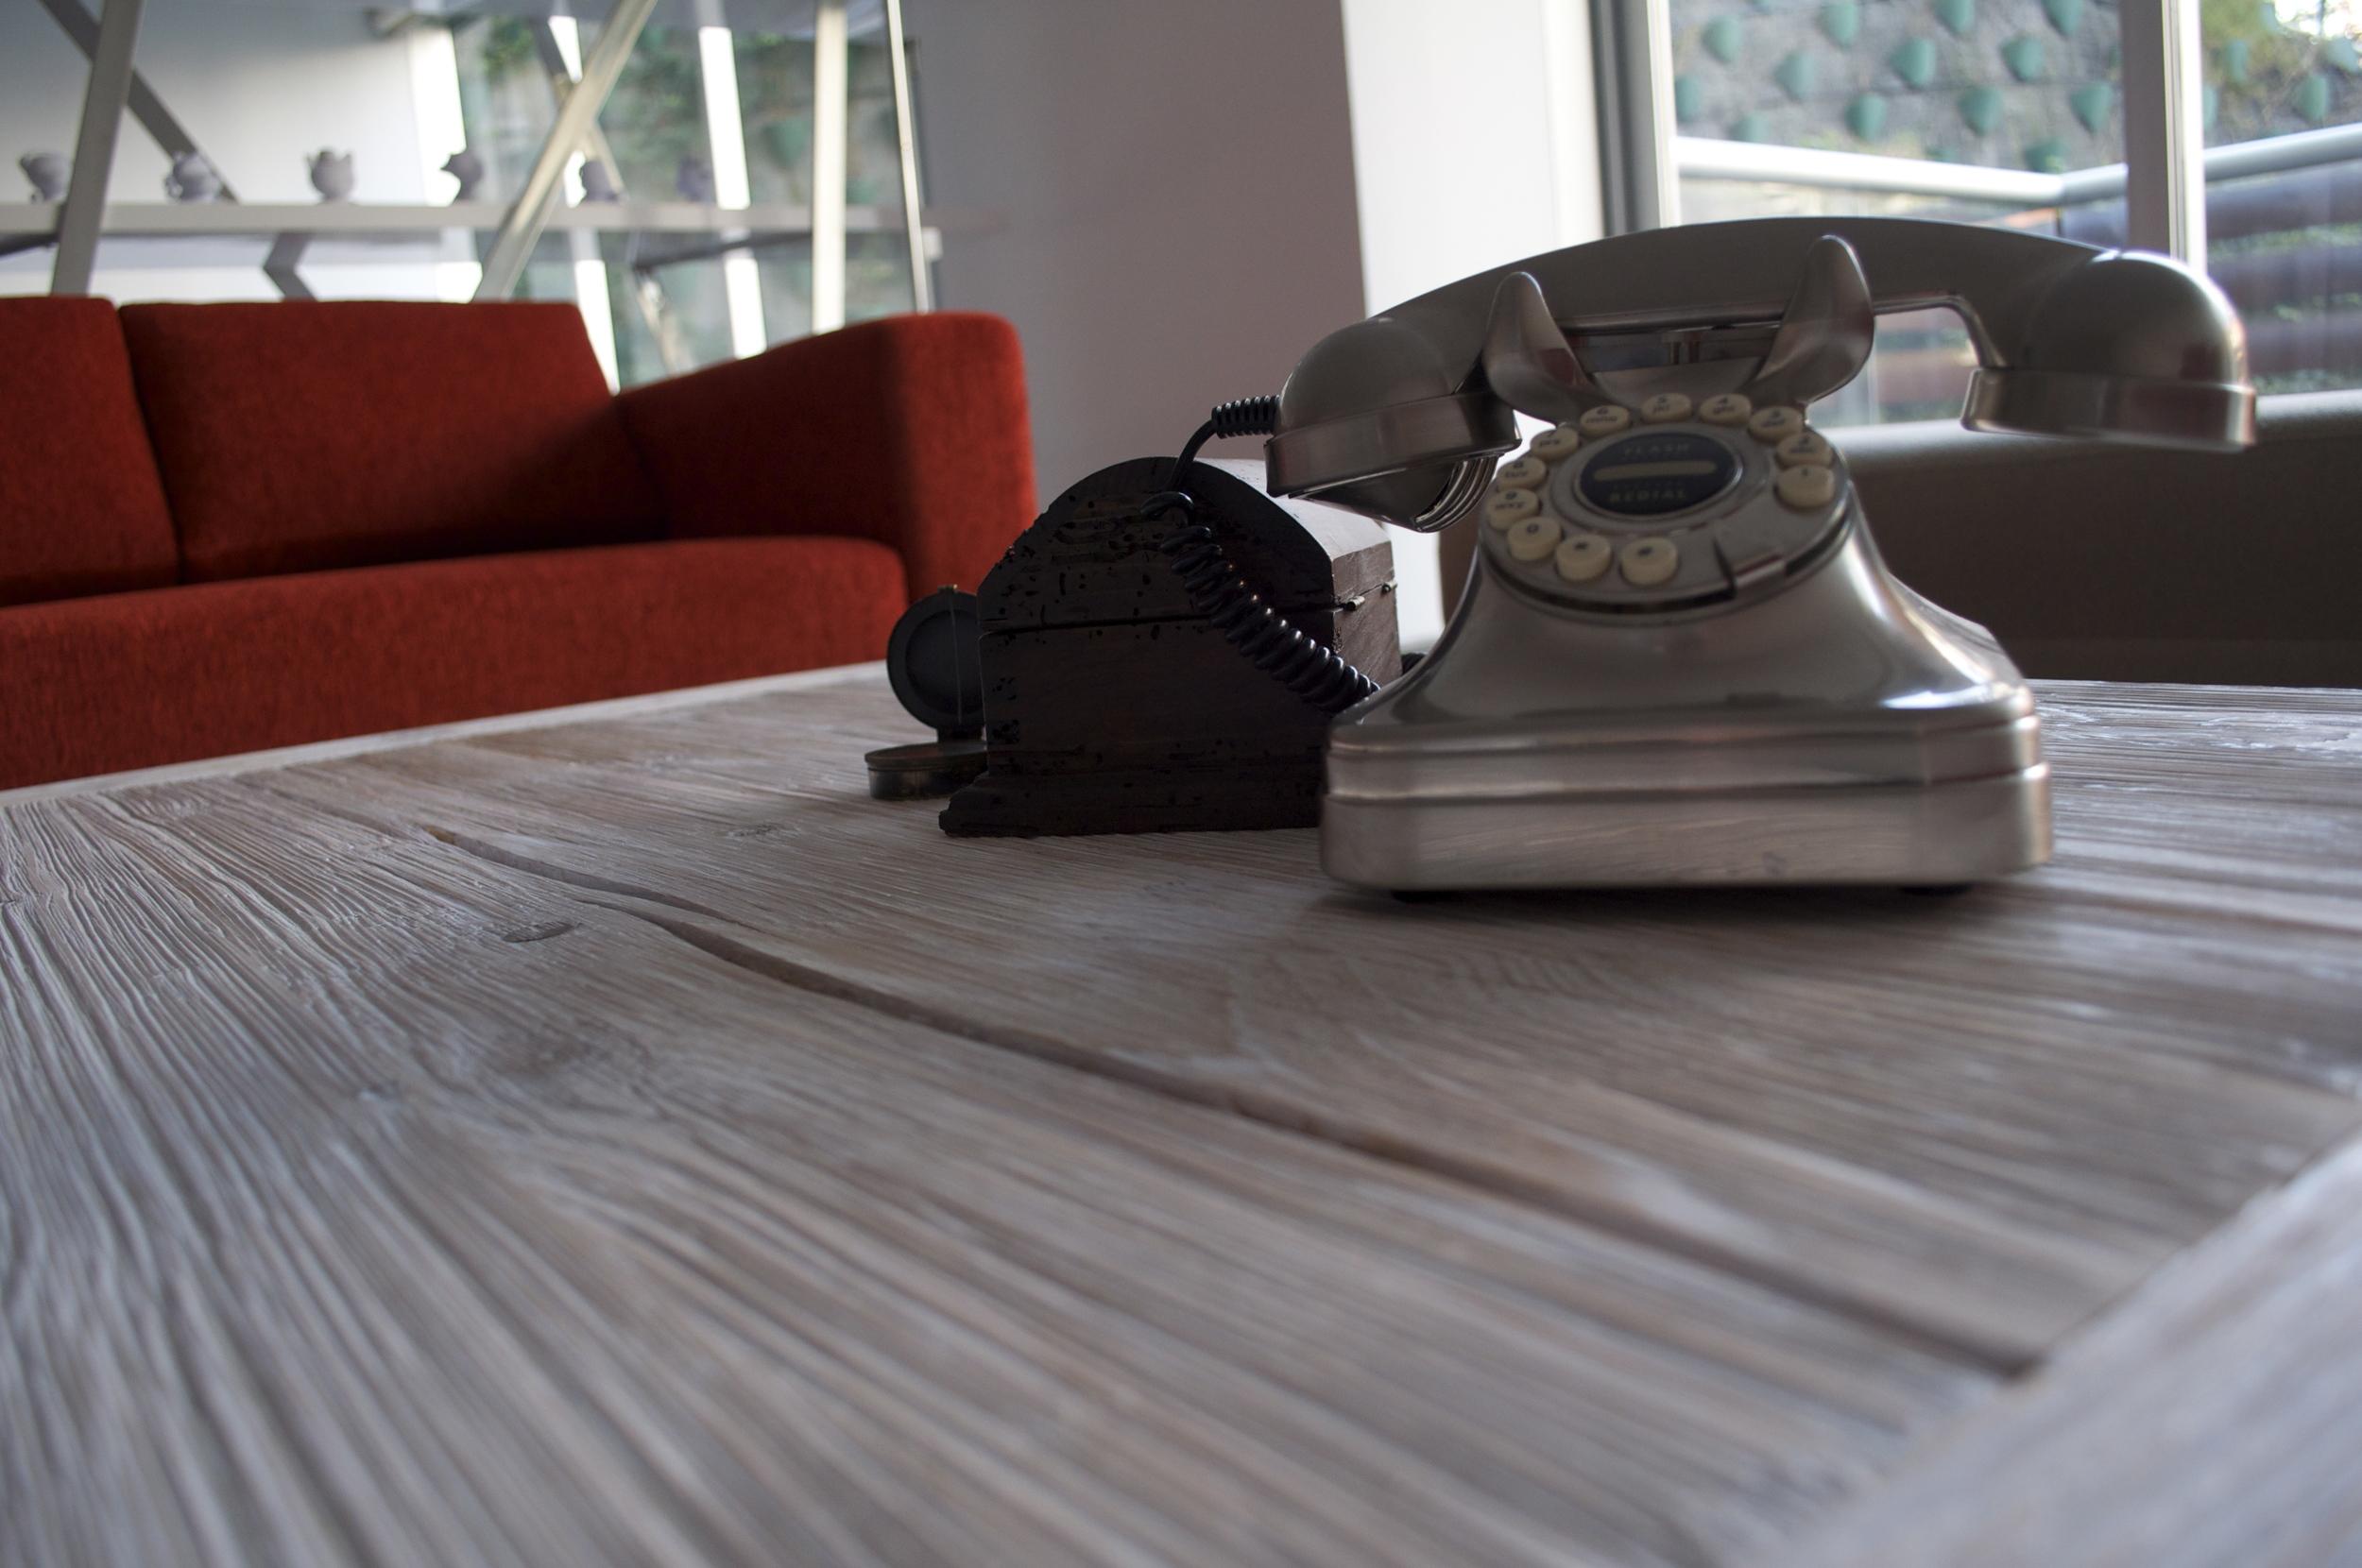 UN FRÍO MUY CÁLIDO - Los acabados que elegimos para el interiorismo de este departamento son considerados fríos (mármol, granito..) es por eso que el mobiliario fue la clave para lograr calidez en los espacios. Utilizamos materiales, texturas y colores que hacen que las áreas se sientan más cozy. Incluimos algunos accesorios decorativos antiguos lo que hace que sea un proyecto moderno y hogareño.